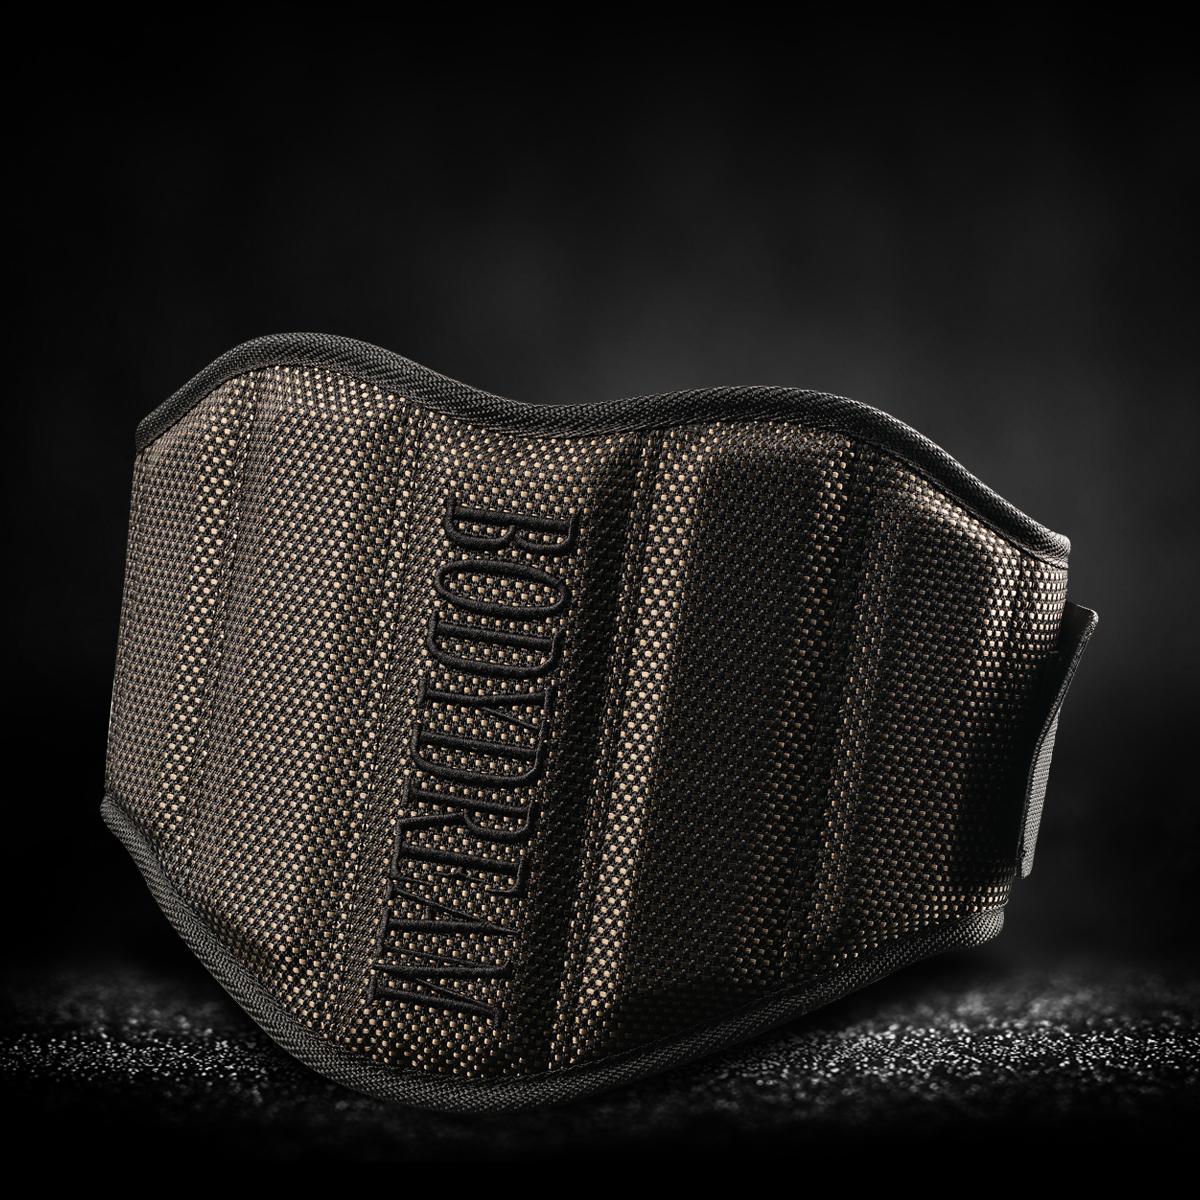 BodyDream护具装备举重腰带男运动健美训练健身护腰深蹲腰带保护